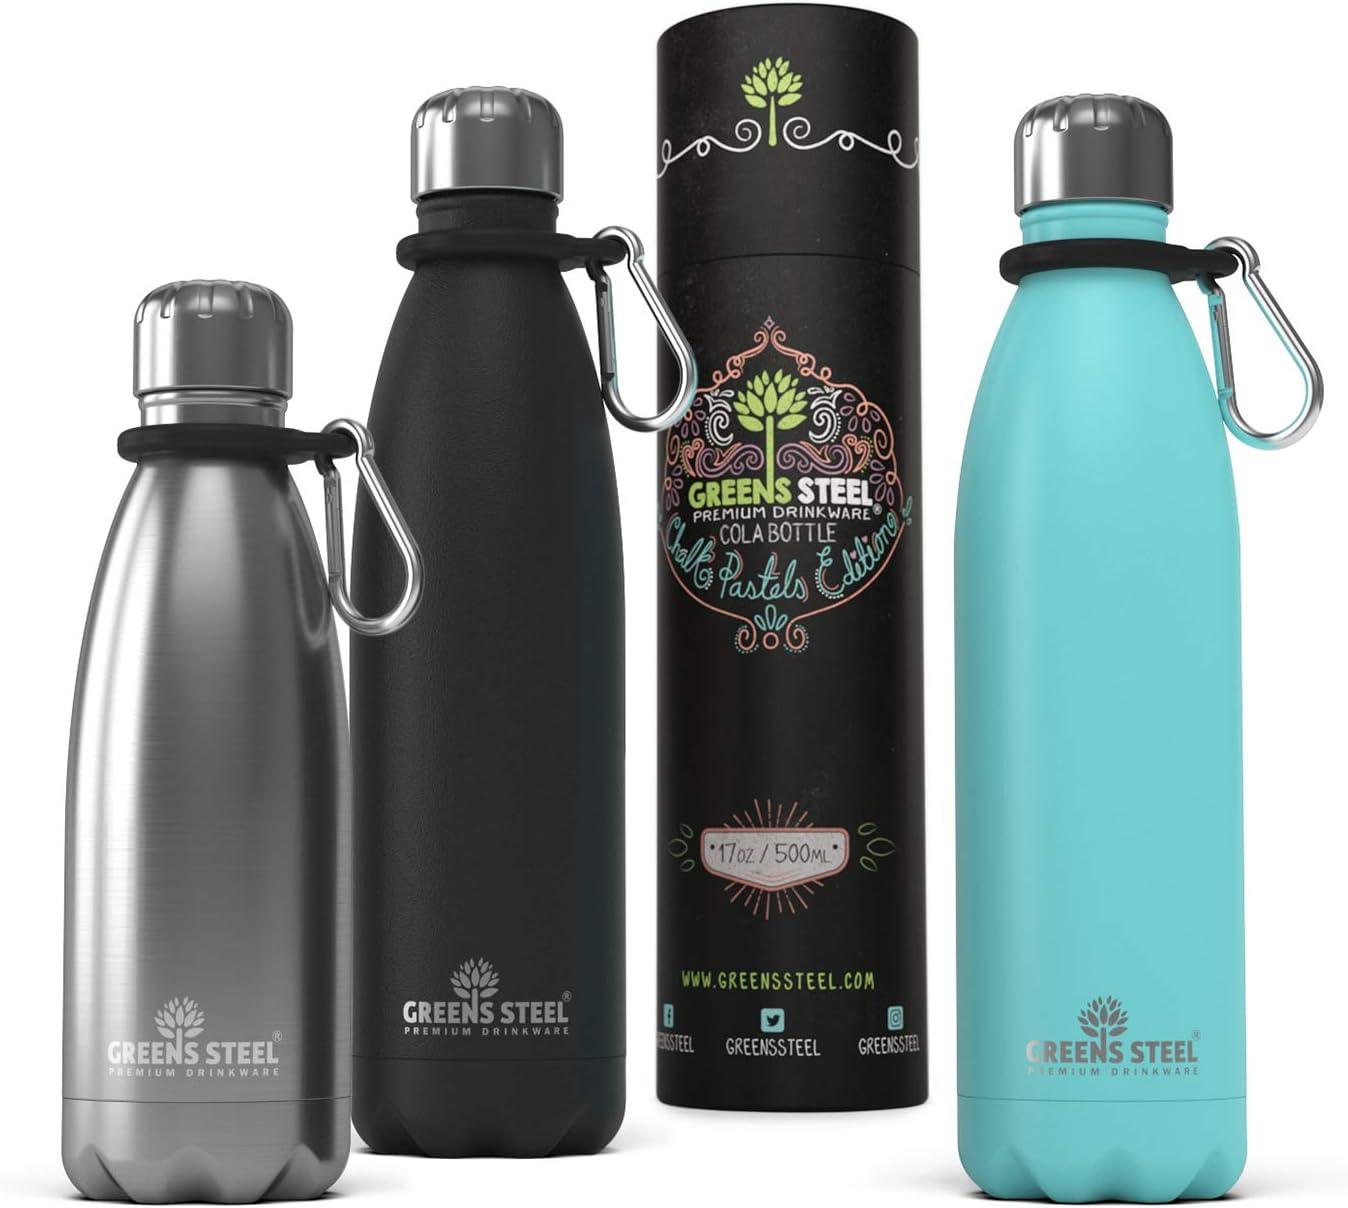 Greens Steel Botella de Agua de Acero Inoxidable – 350ml Aislado al Vacío con Doble Pared con Tapa Presionable/a Prueba de Fugas Termal Viajes Cantimplora Deportiva Café Cantimplora